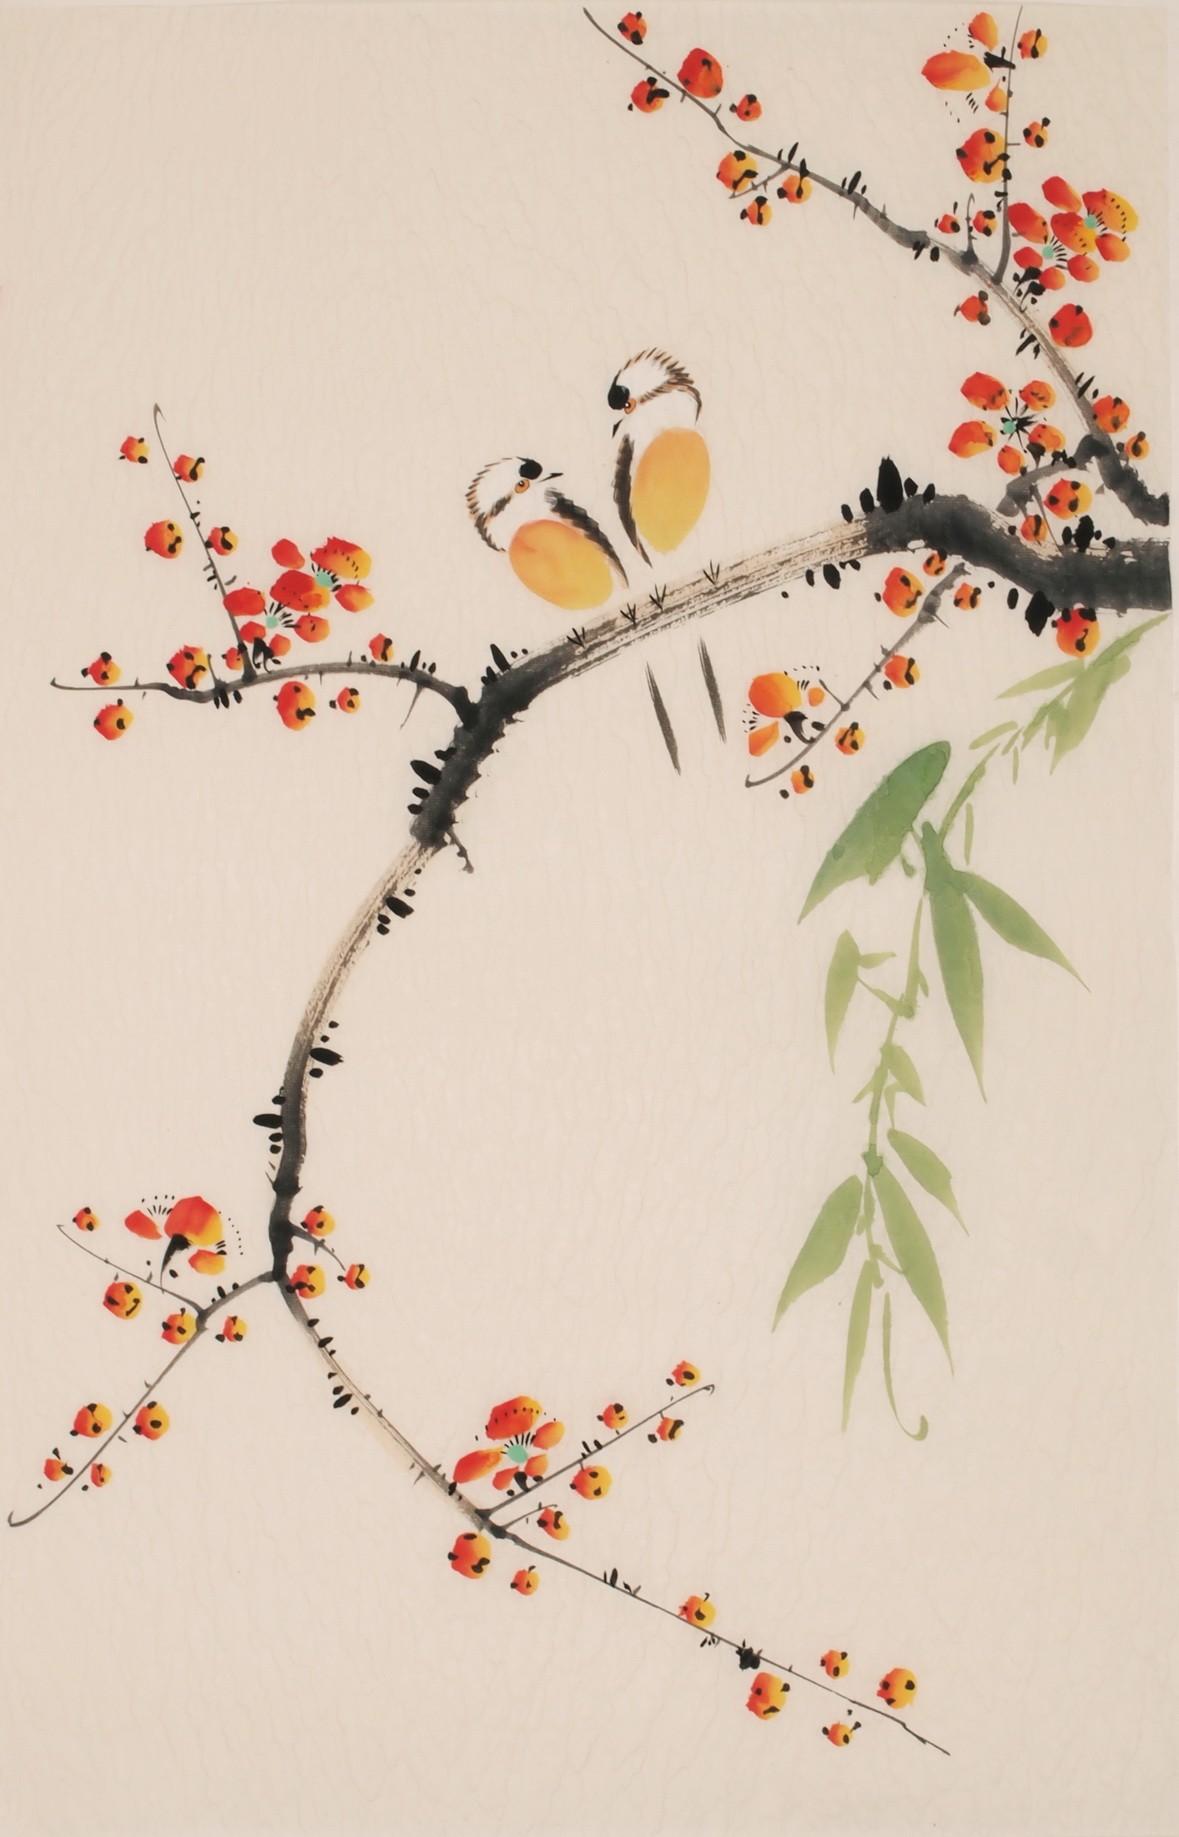 Bamboo - CNAG000881